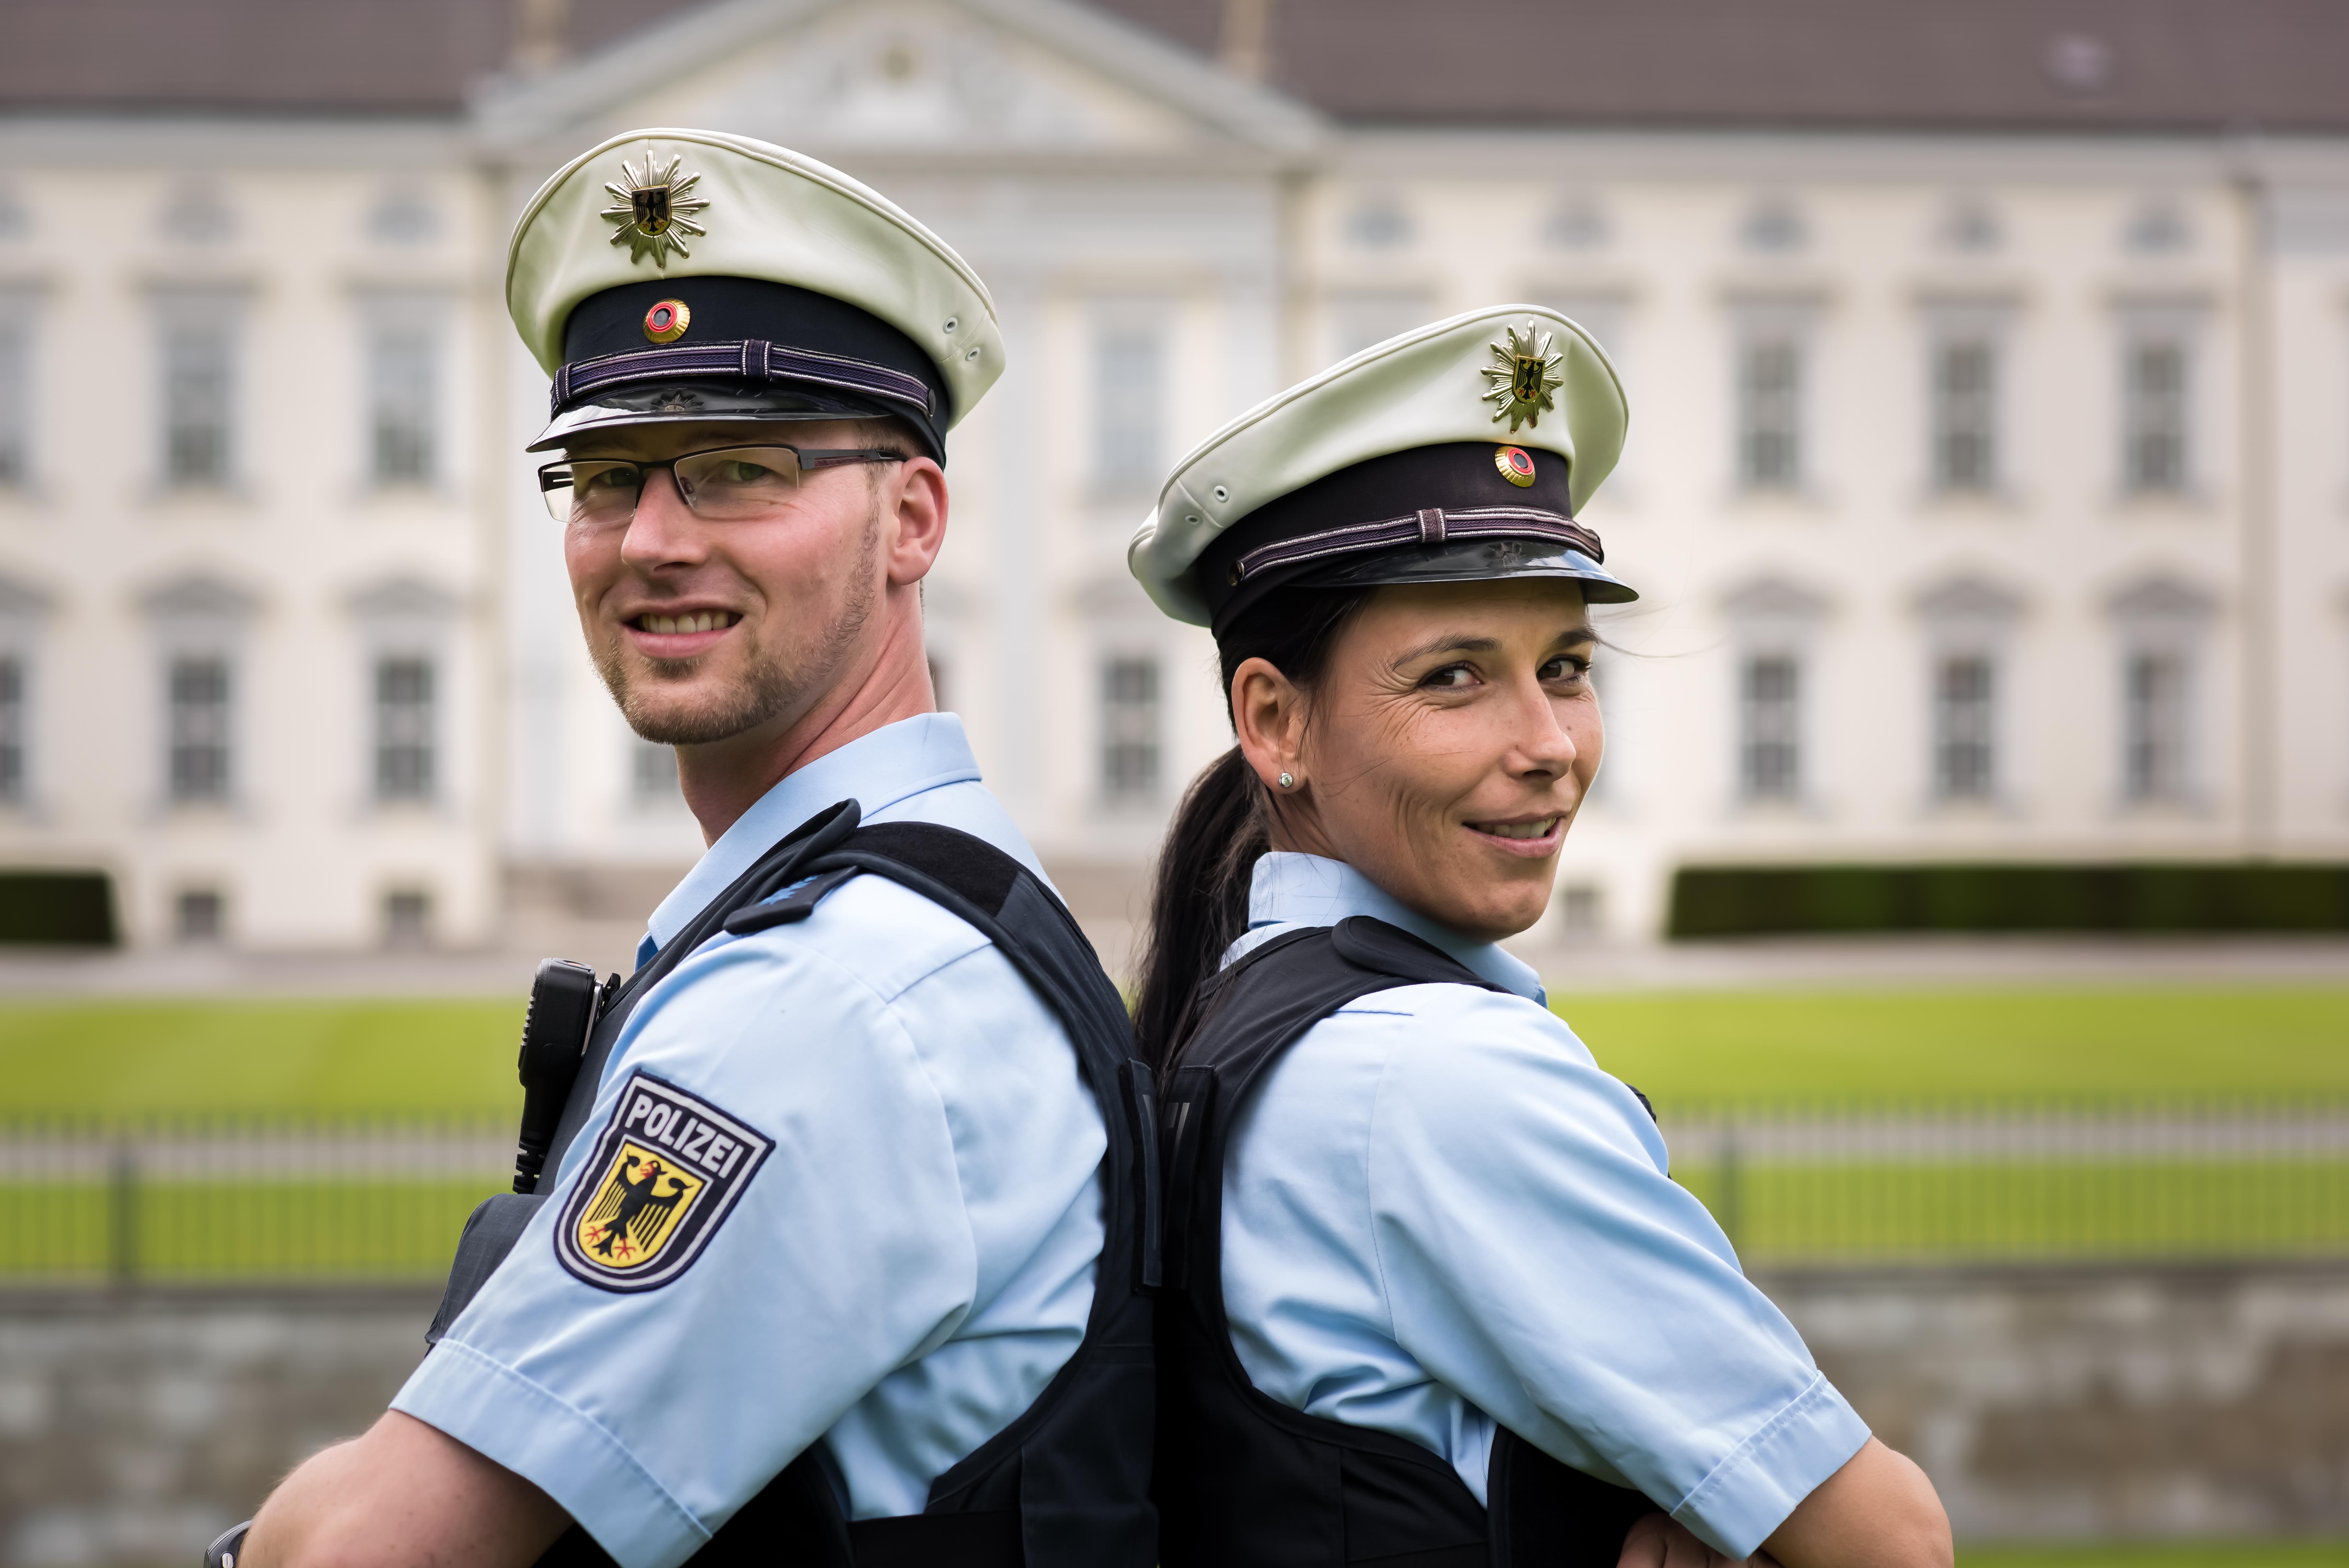 BPOL_Schutz Bundesorgan_DSC_7212-Bearbeitet.jpg – Bundespolizei, Einstellungsberatung Bunde